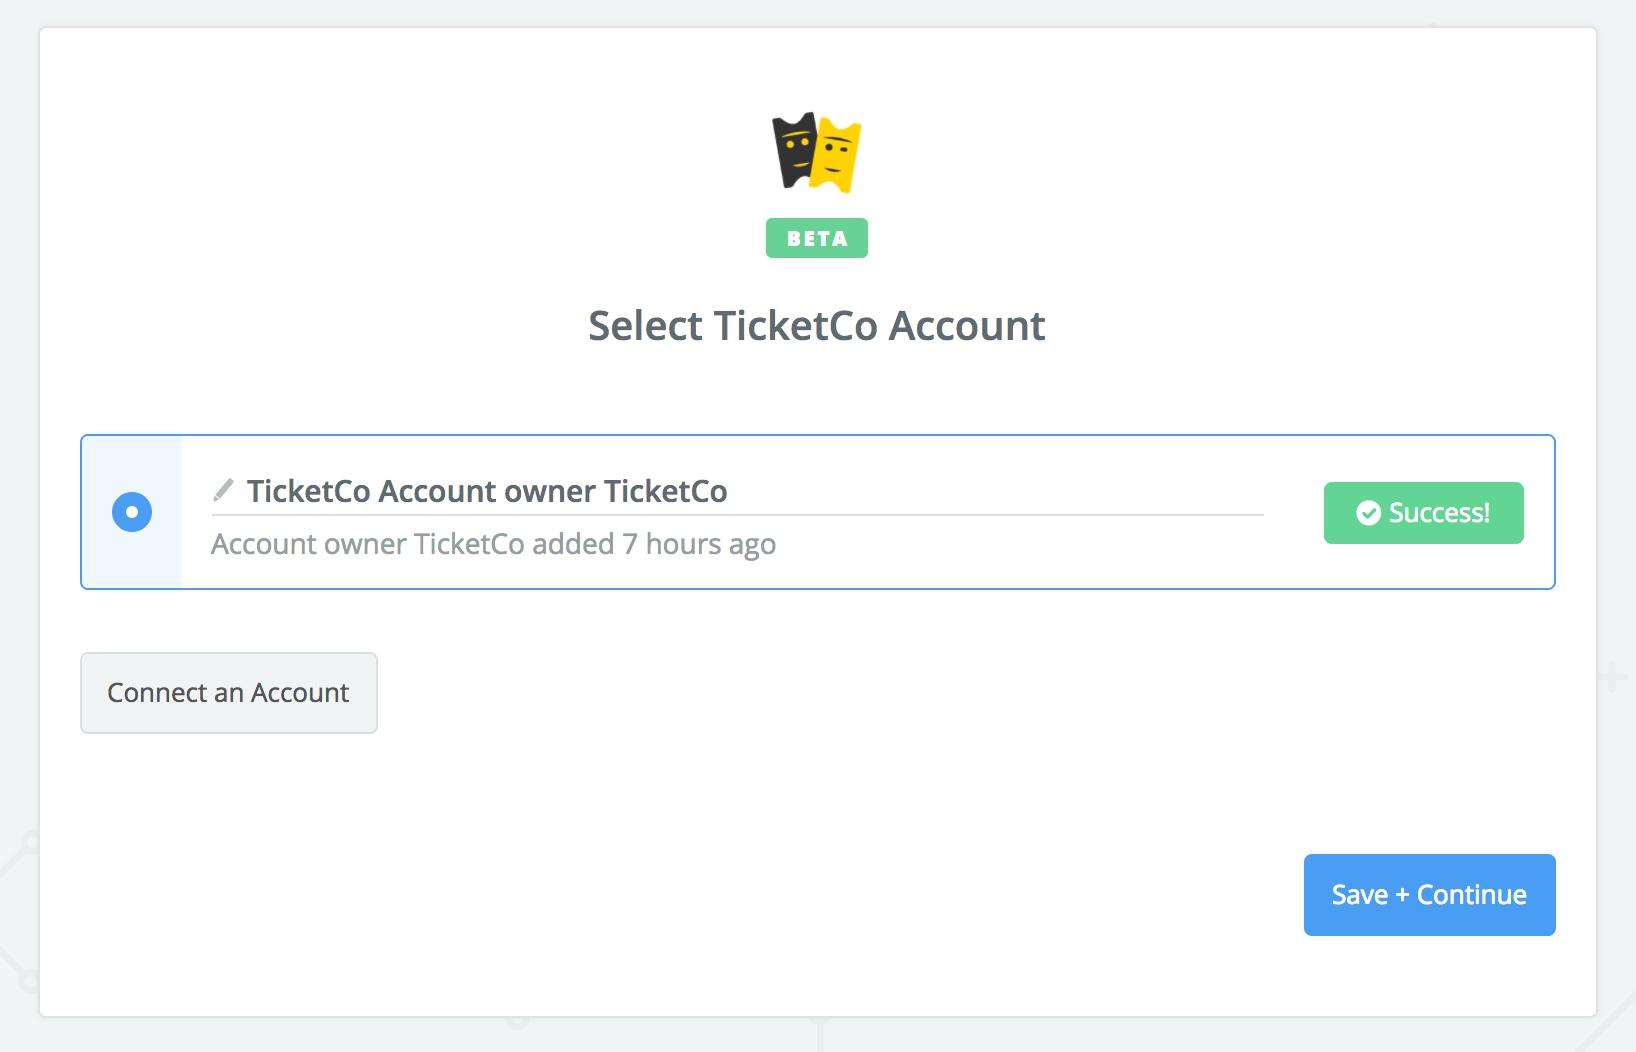 TicketCo connection successful